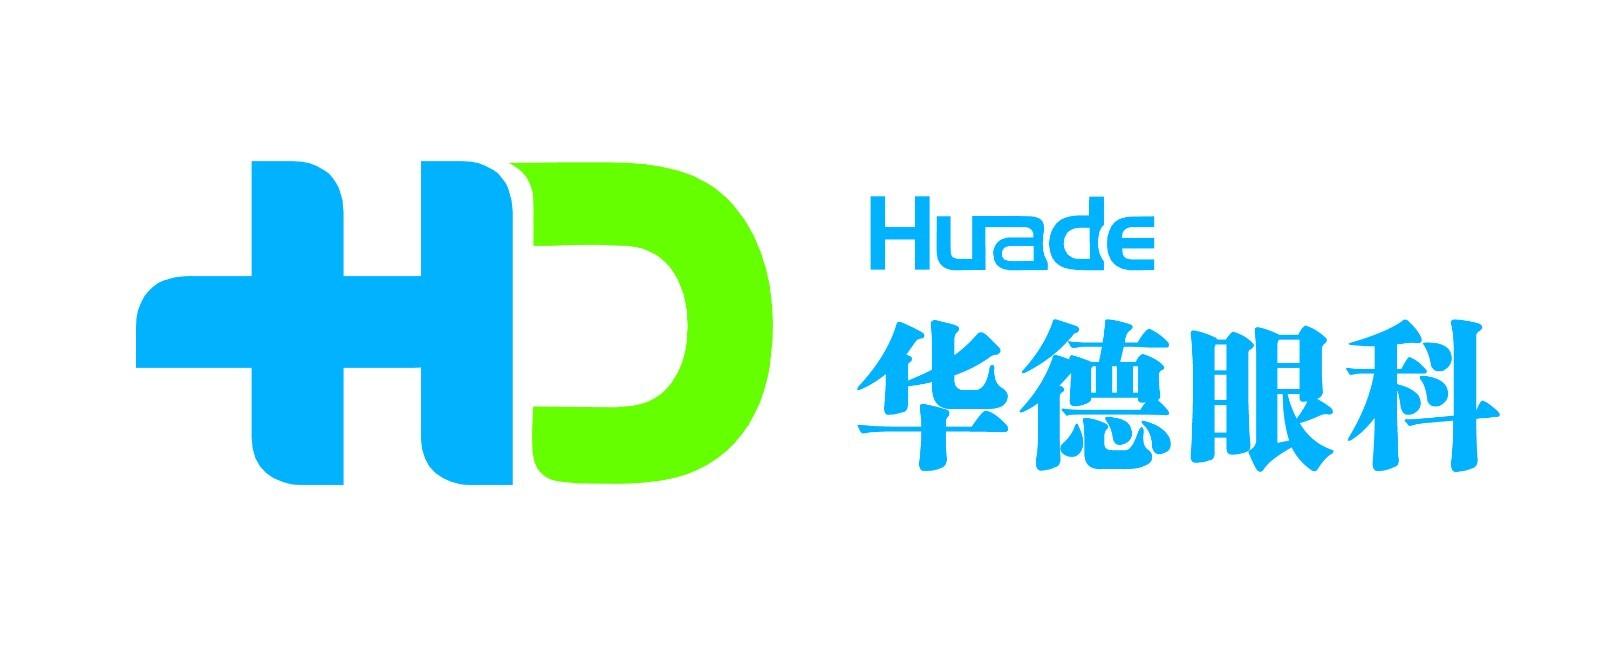 logo logo 标志 设计 矢量 矢量图 素材 图标 1600_658